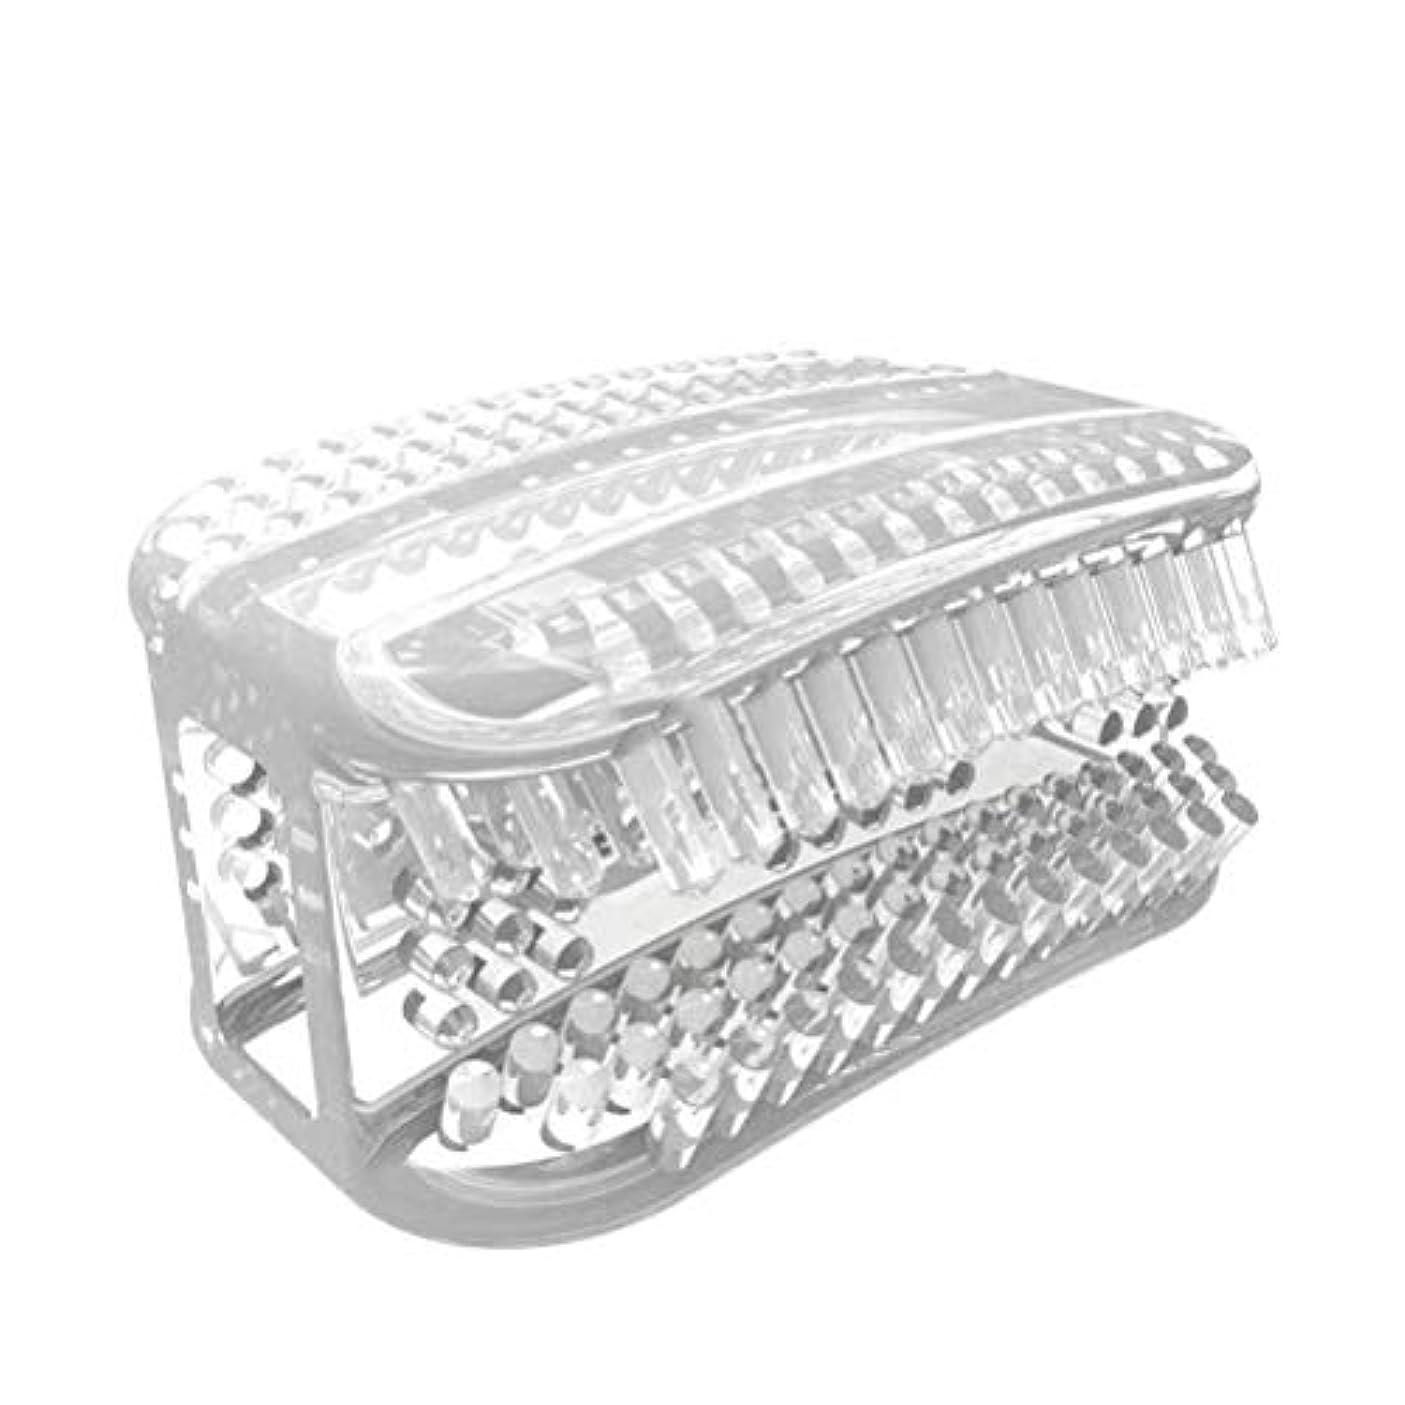 シリンダーフォルダ更新するHealifty 便利な歯ブラシ怠惰な咀嚼ポータブルミニホワイトニング歯ブラシ歯のクリーニングツール(透明ホワイト)